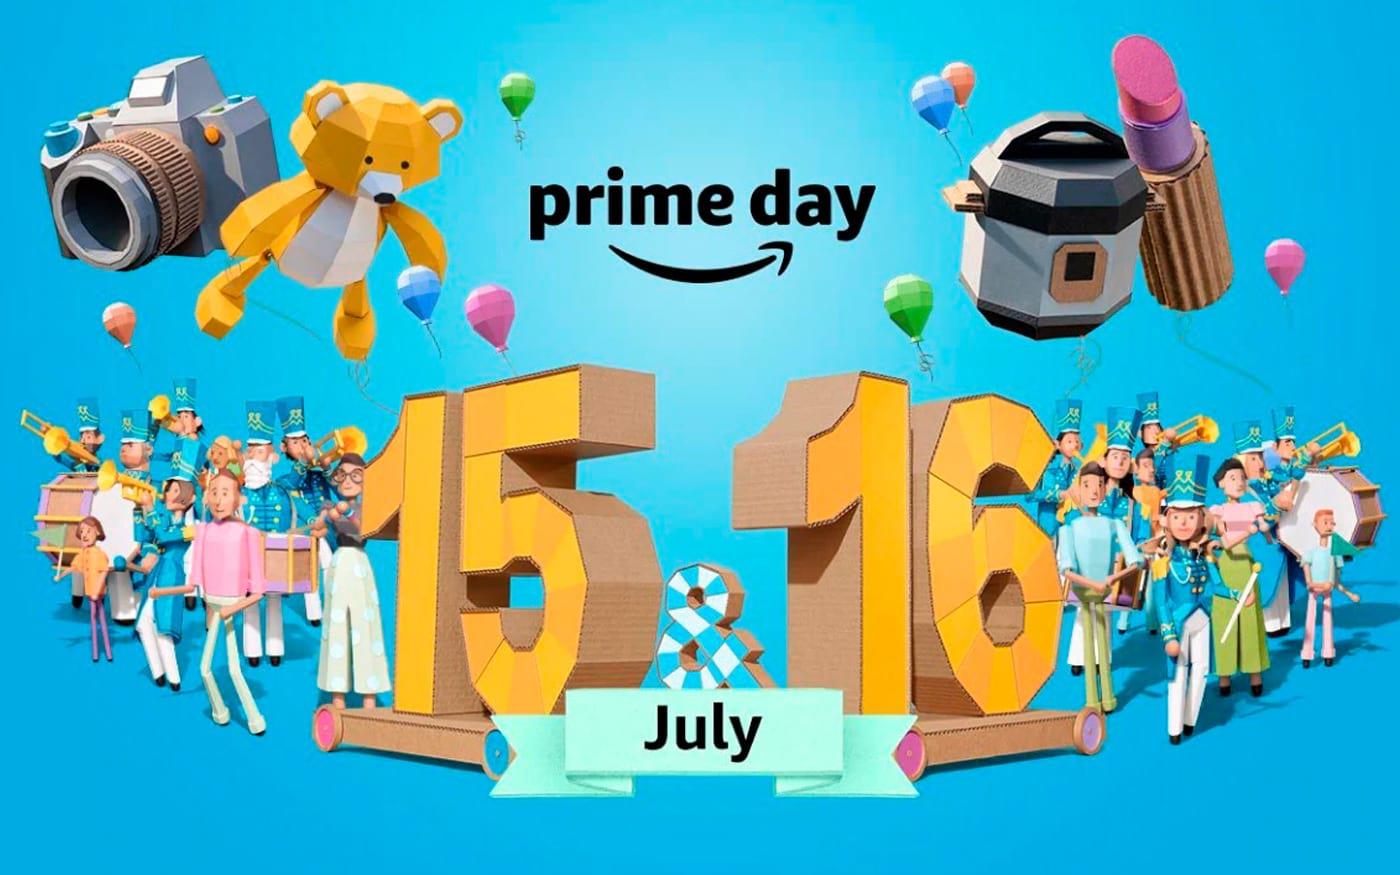 Amazon Prime Day 2019: Evento de vendas acontecerá nos dias 15 e 16 de julho